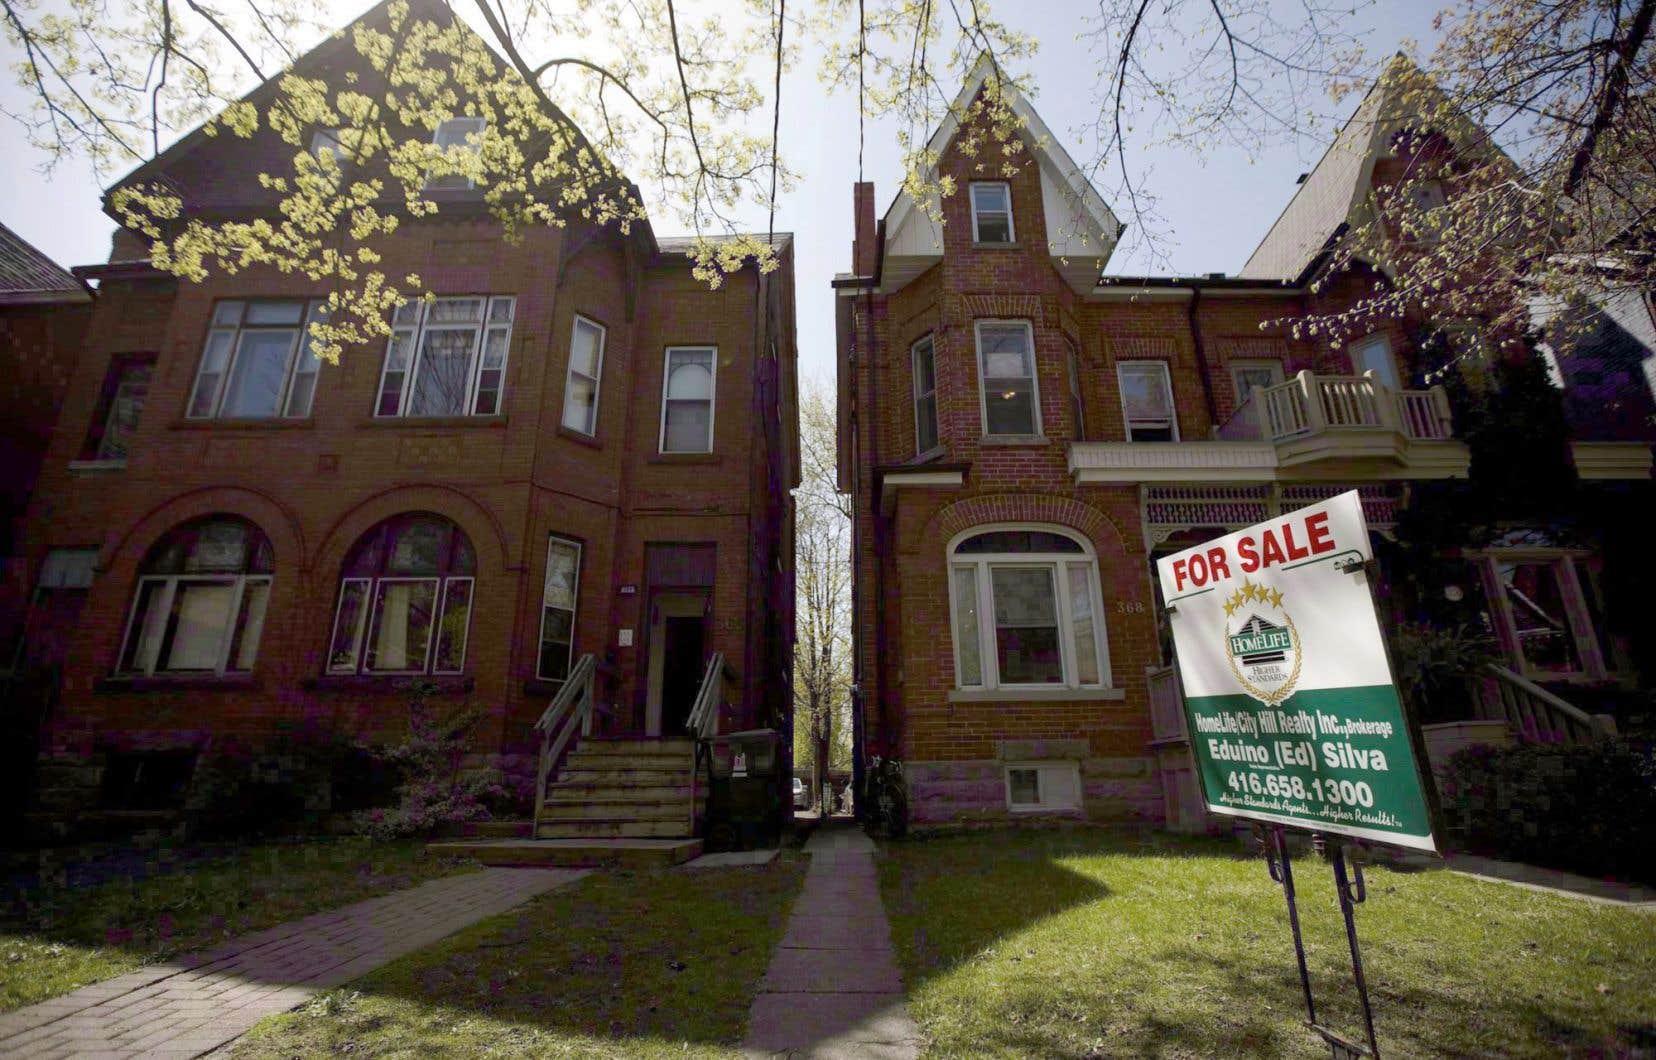 Selon la chambre immobilière du Grand Toronto, les ventes de maisons se sont chiffrées à 4606 en mai, en baisse de 53,7% par rapport au même mois l'an dernier.